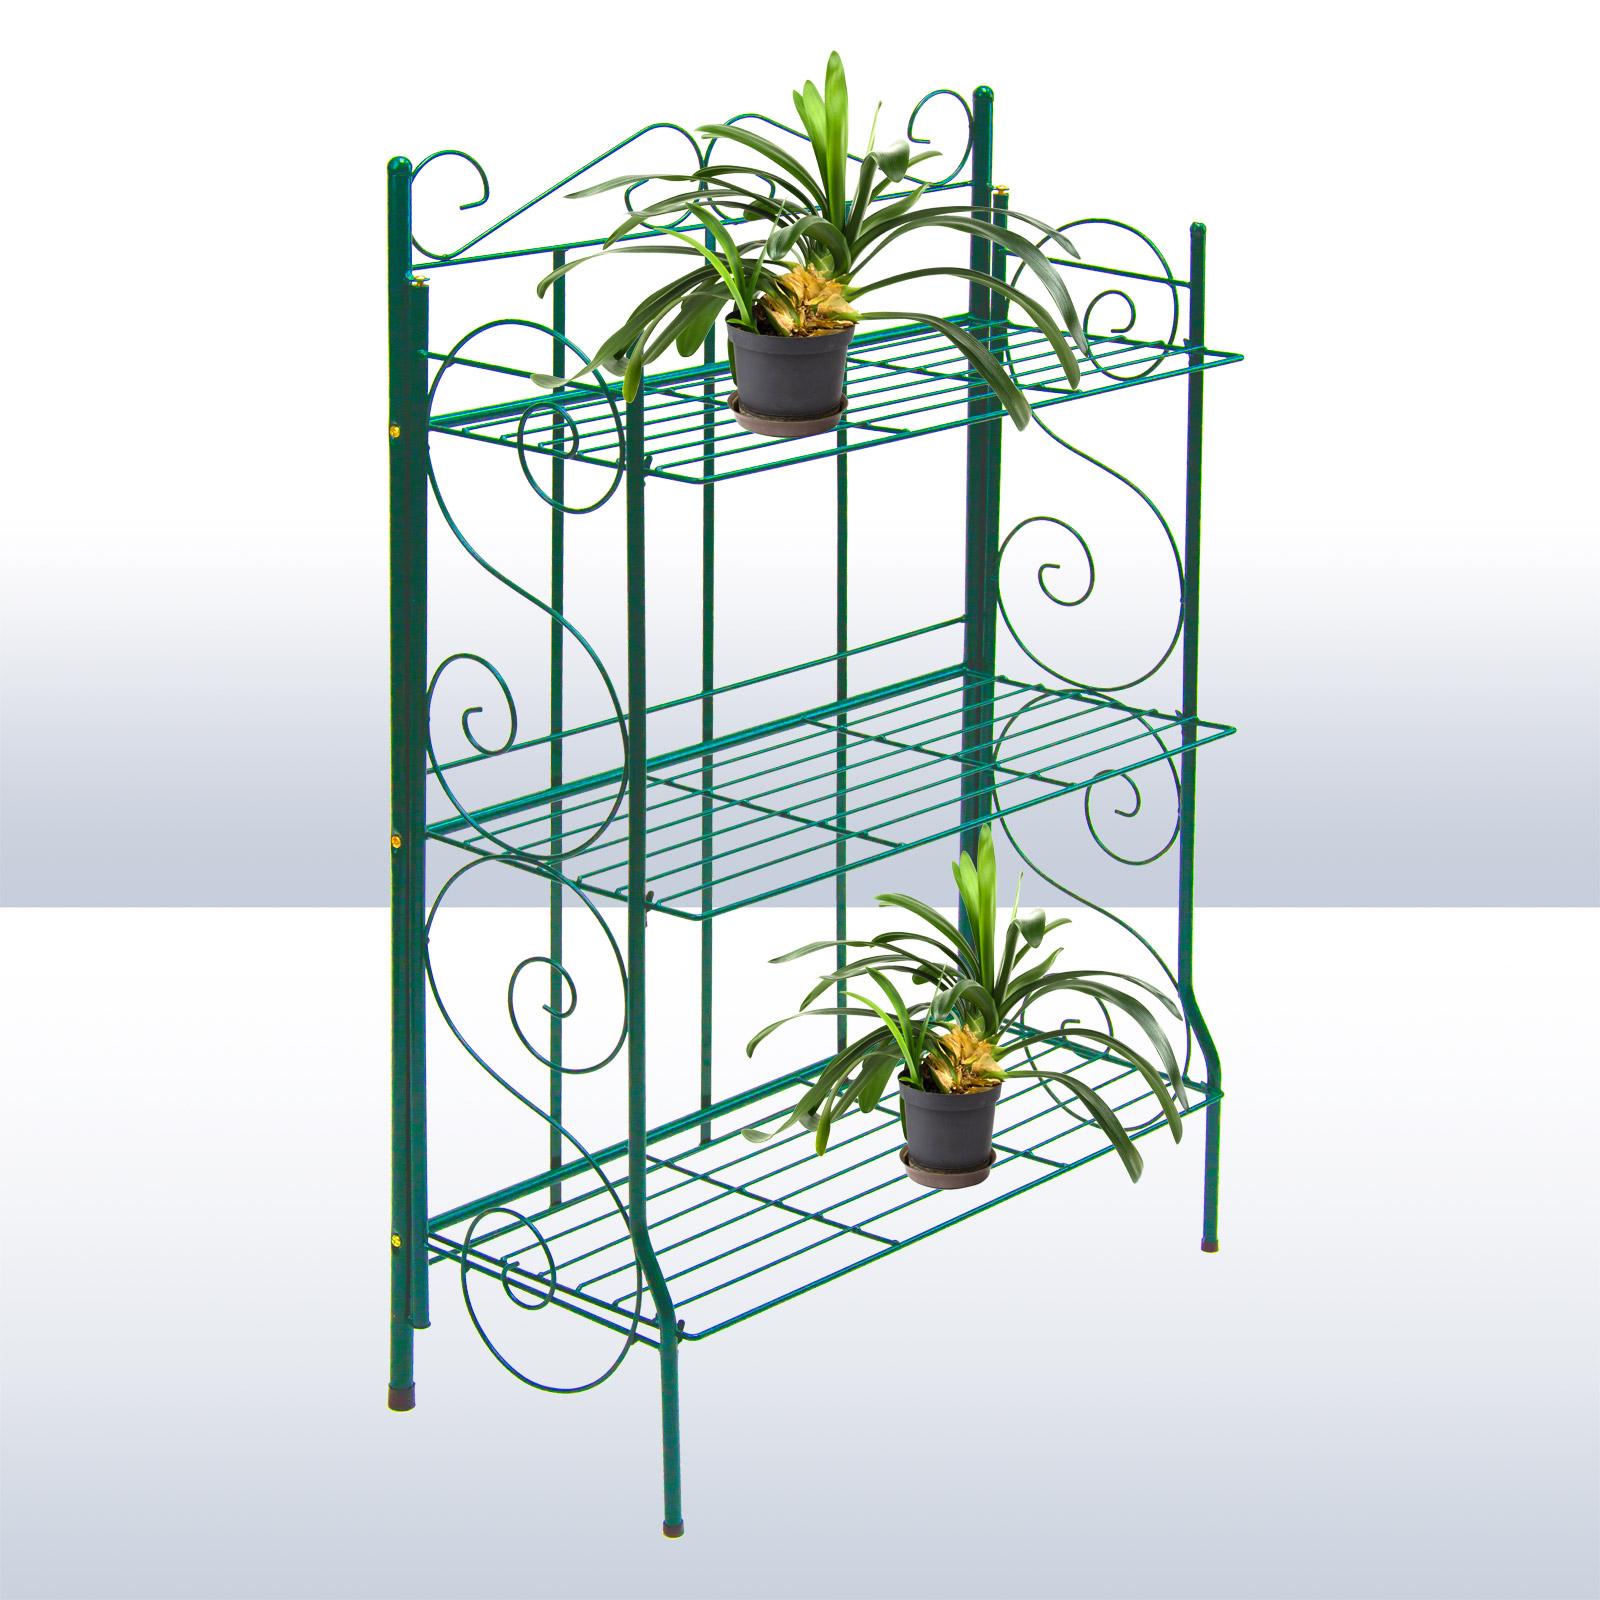 918434 metalregal regal 71x31x107 cm gartenregal. Black Bedroom Furniture Sets. Home Design Ideas